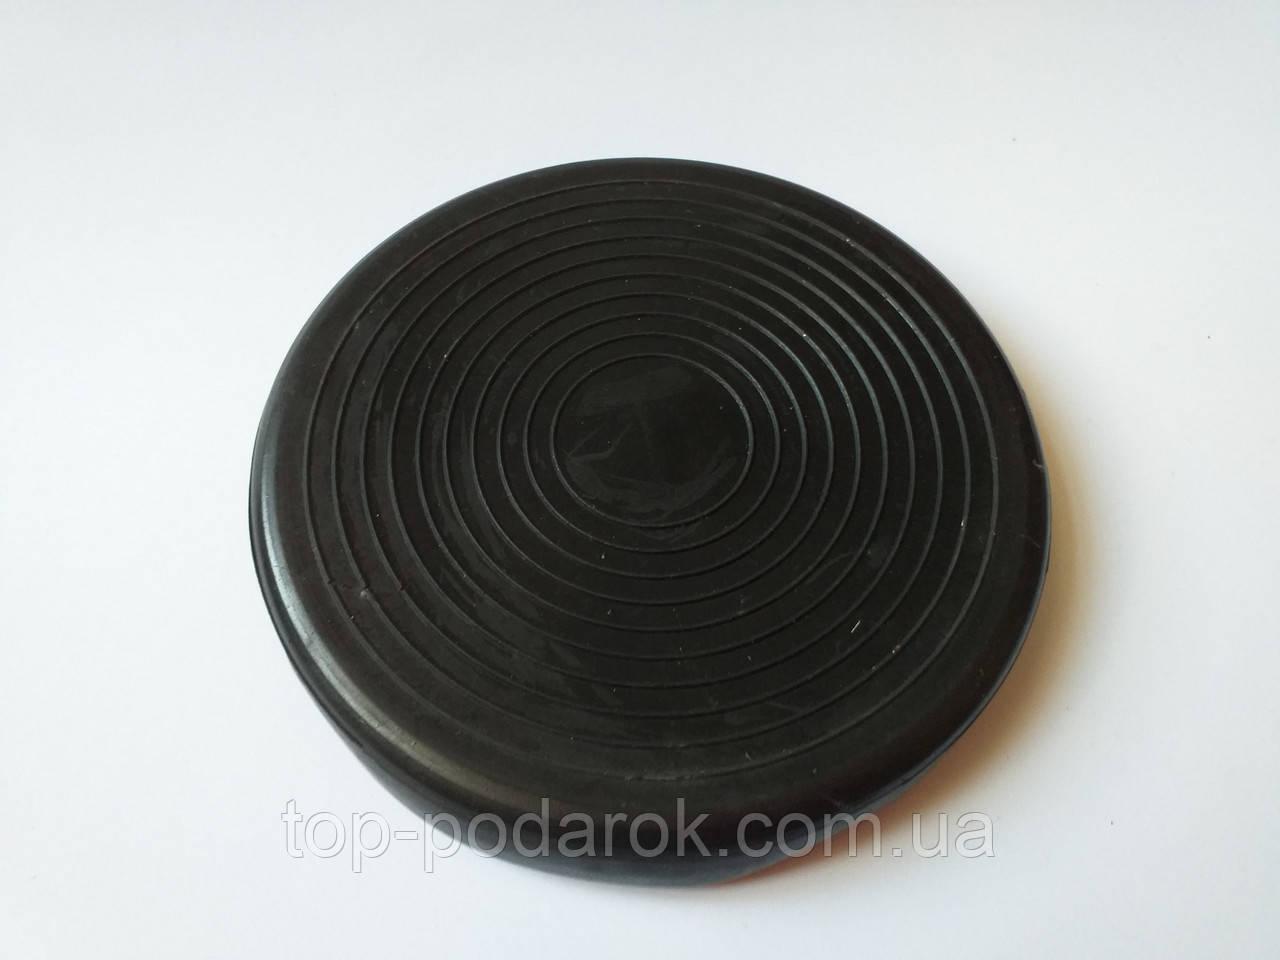 Антискользящая резинка под колбу диаметр 14.5 см